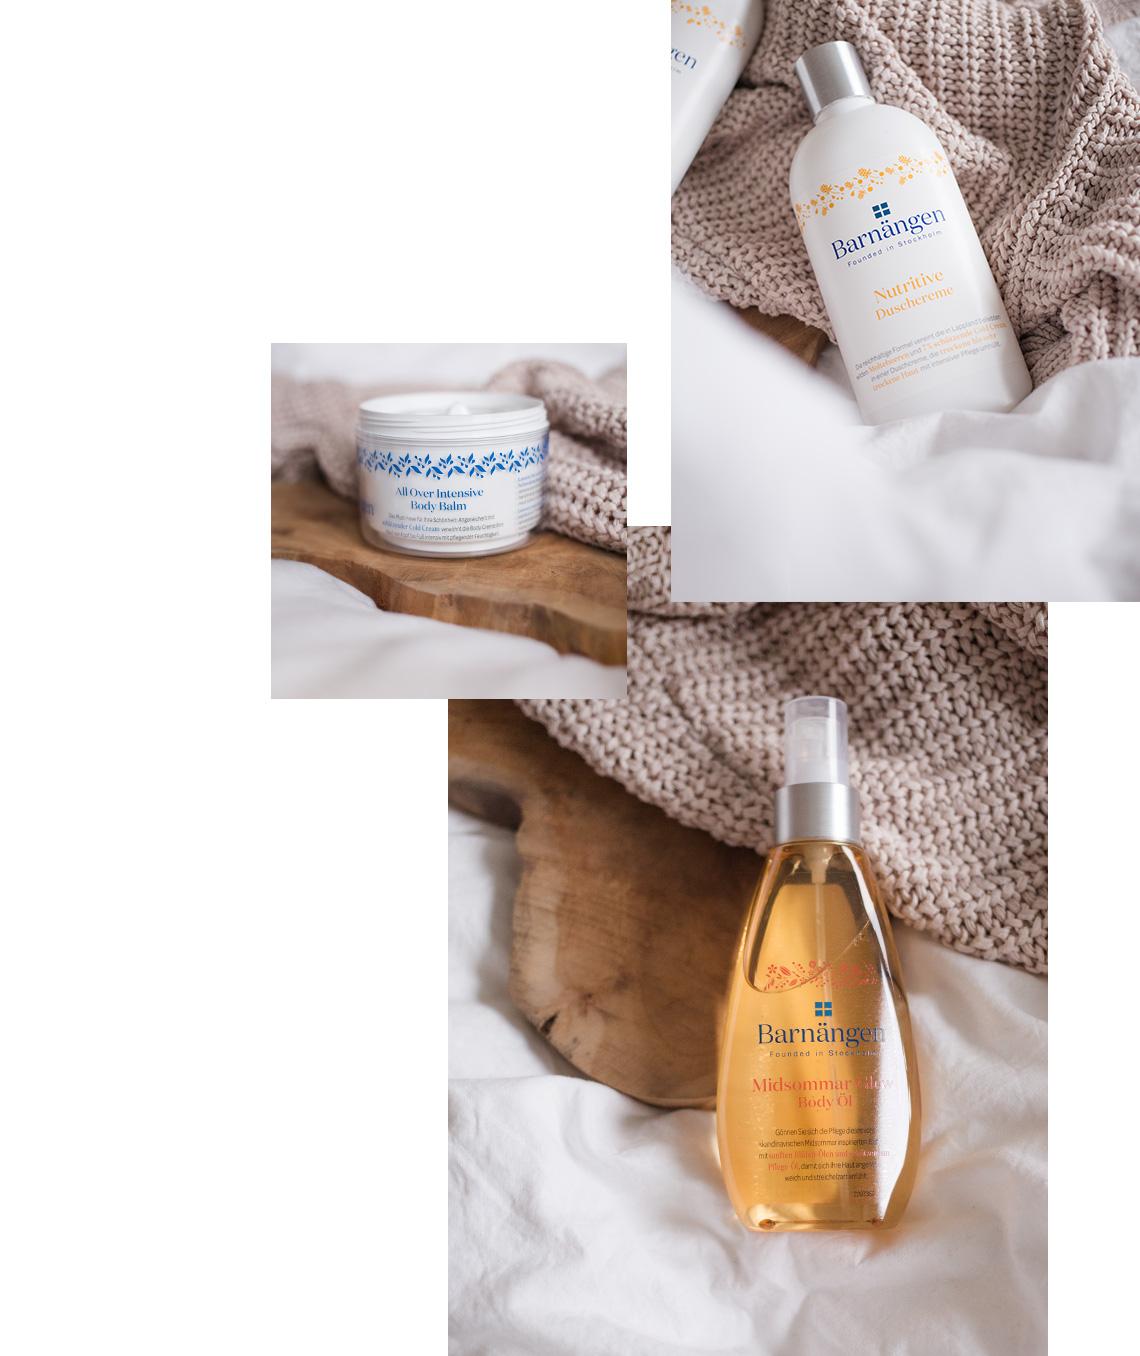 Hautpflege Produkte von Barnängen